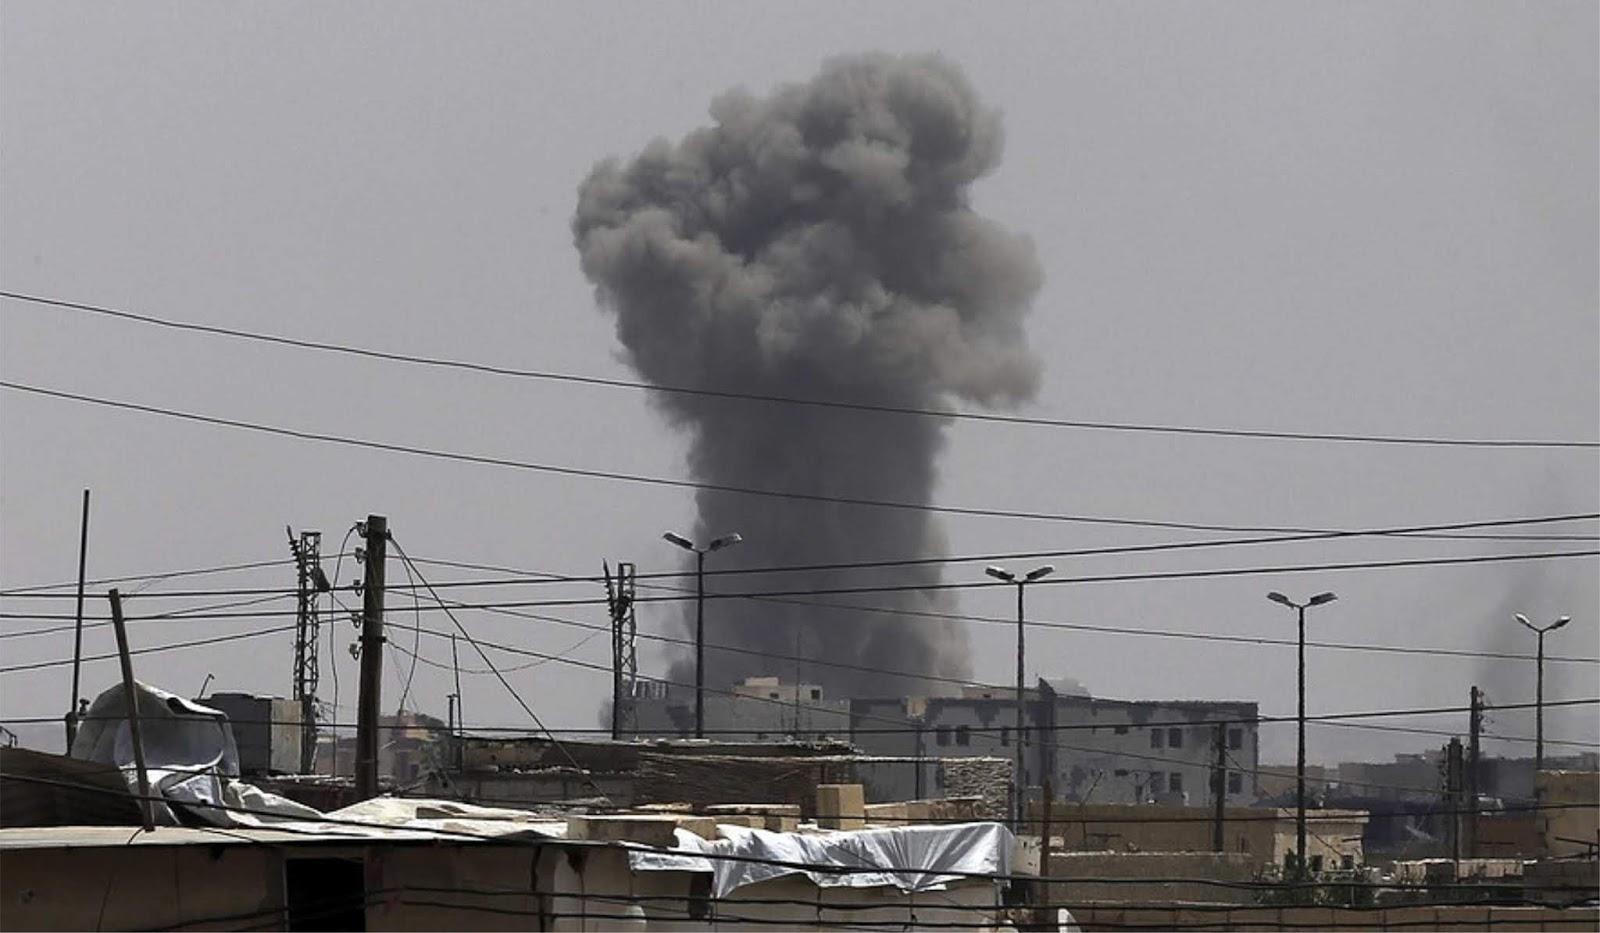 Pasukan Koalisi secara tidak langsung mengakui pengeboman rumah sakit di kota Hajin Suriah